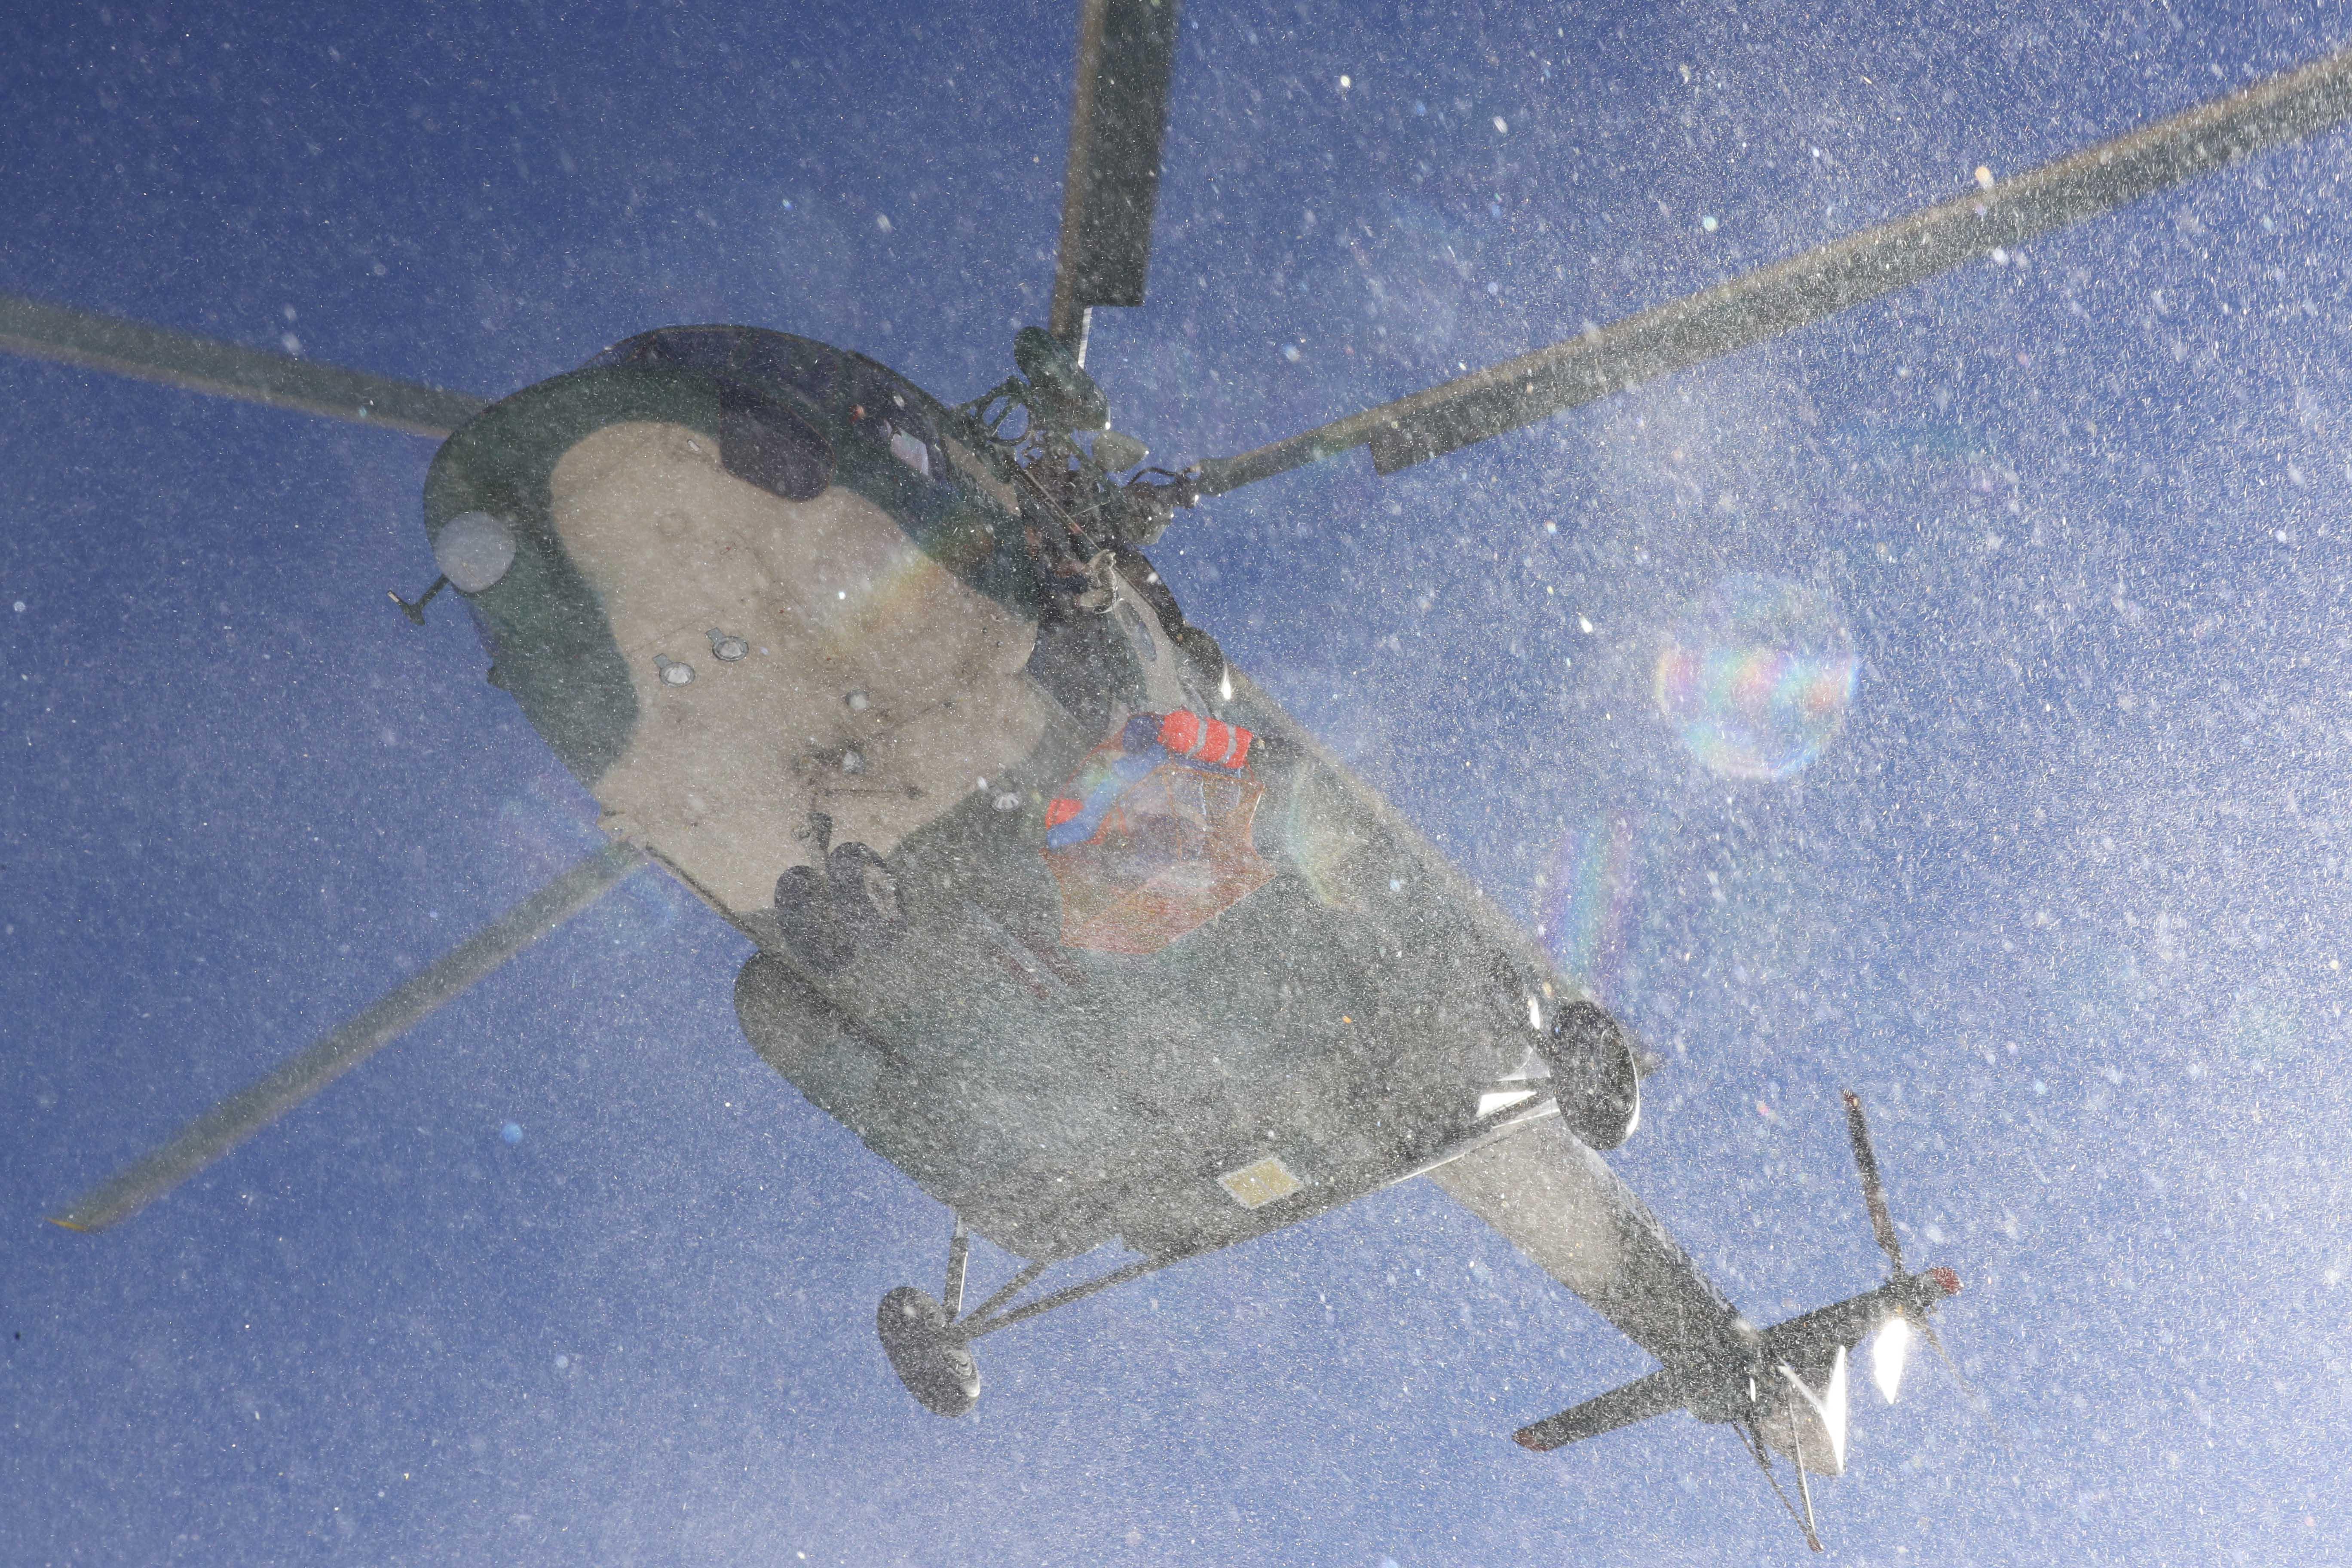 雪崩で孤立の10人、全員救助 新疆・昌吉市